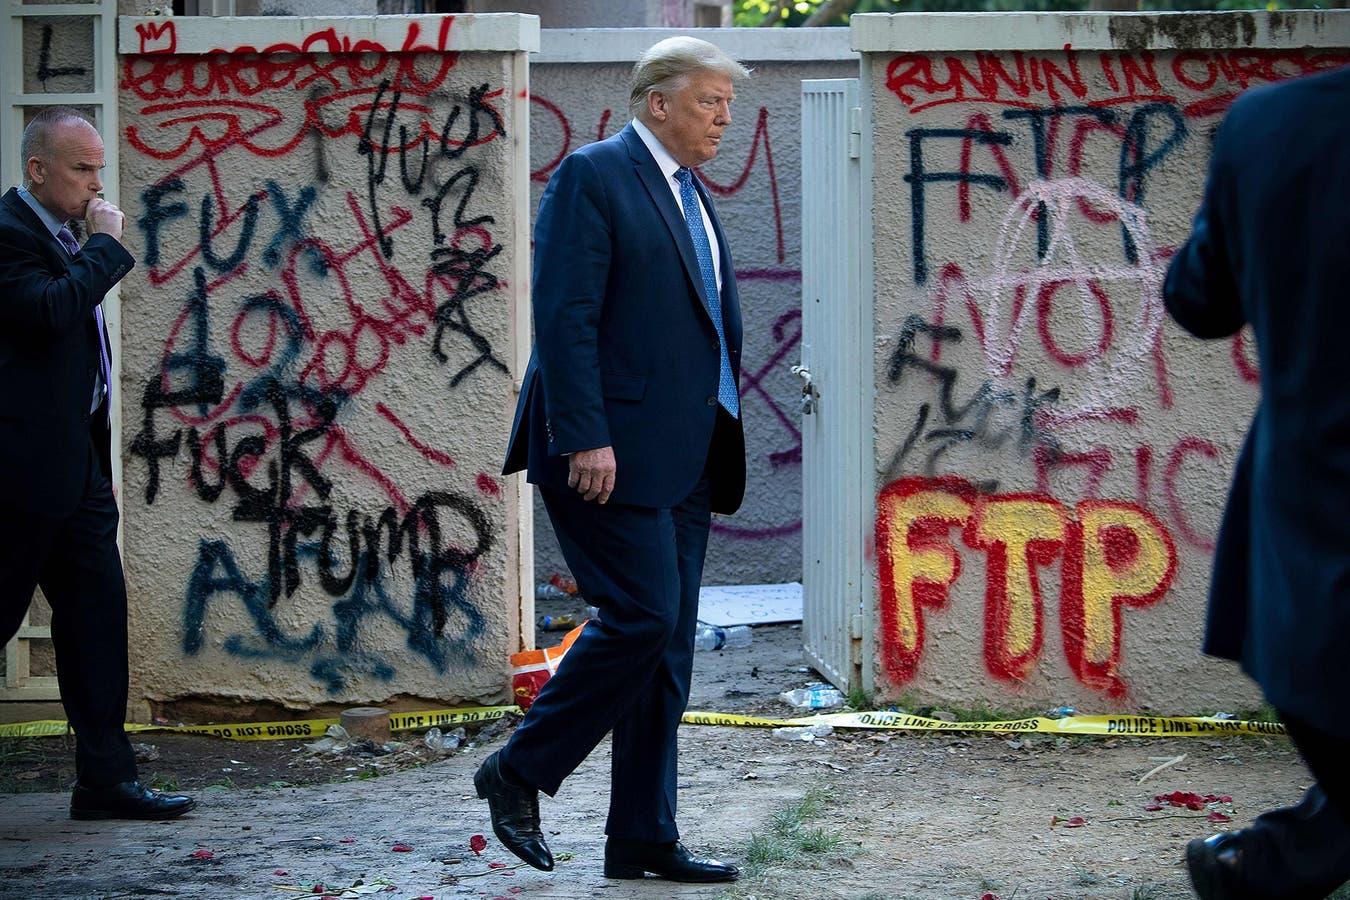 Donald Trump, con la vandalizada iglesia episcopal St. John detrás, el 1° de junio en Washington